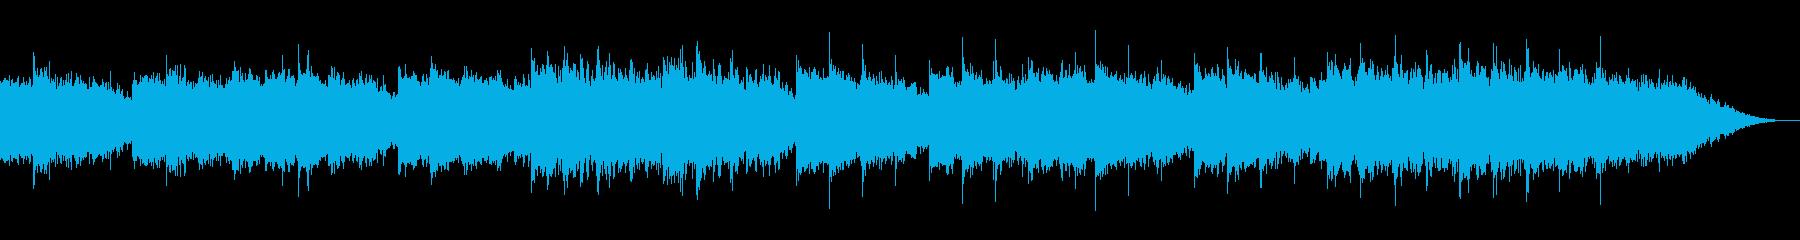 音の揺れが心地よいリラクゼーションBGMの再生済みの波形